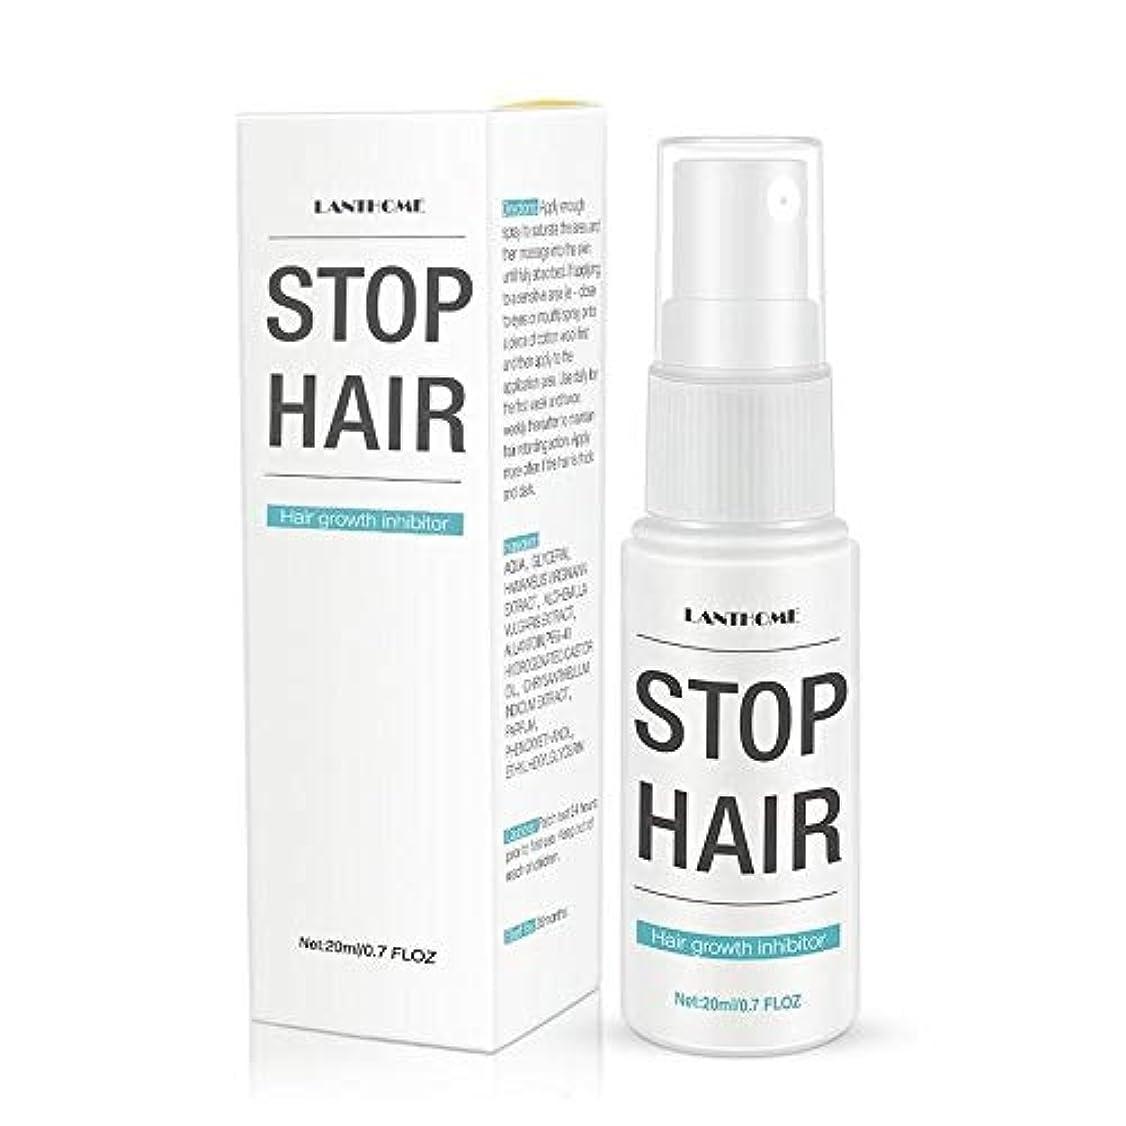 科学普遍的な今日発毛抑制停止発毛抑制剤陰毛皮膚修復スムースボディ脱毛治療マイルドスプレー脱毛剤